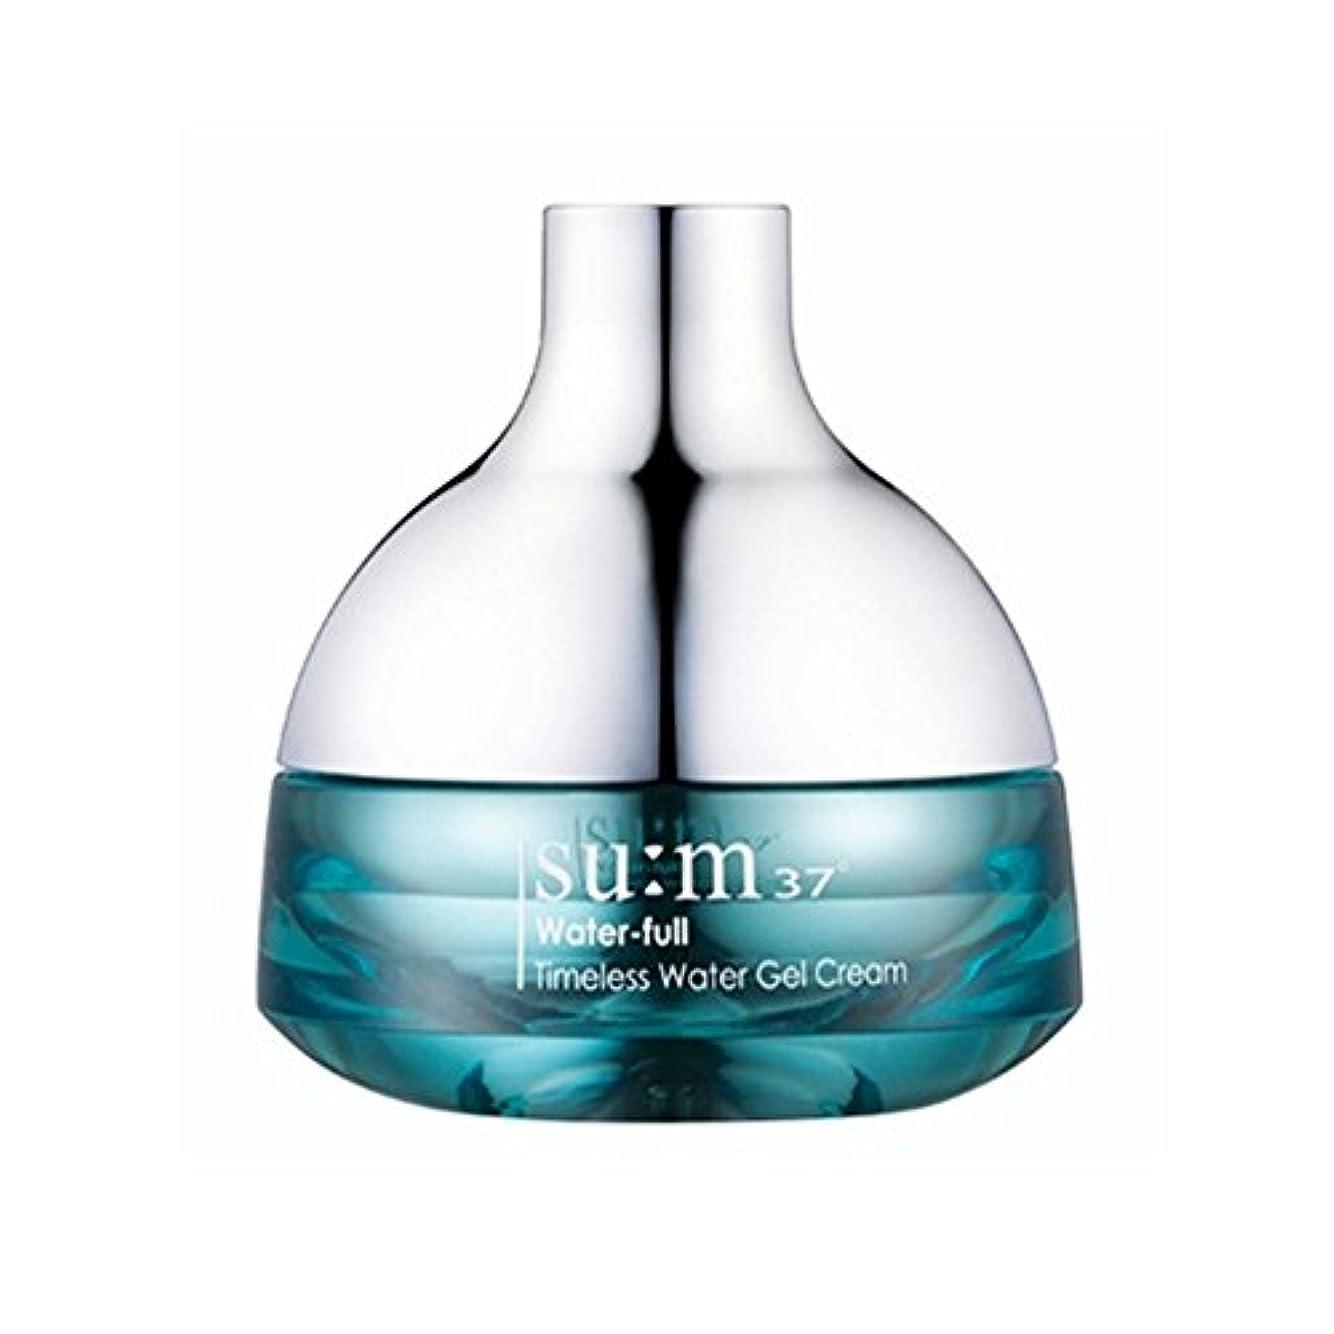 形成の前でゲージ[su:m37/スム37°] SUM37 Water-full Timeless Water Gel Cream 50ml/WF07 sum37 ウォータフル タイムレス ウォータージェルクリーム 50ml +[Sample...